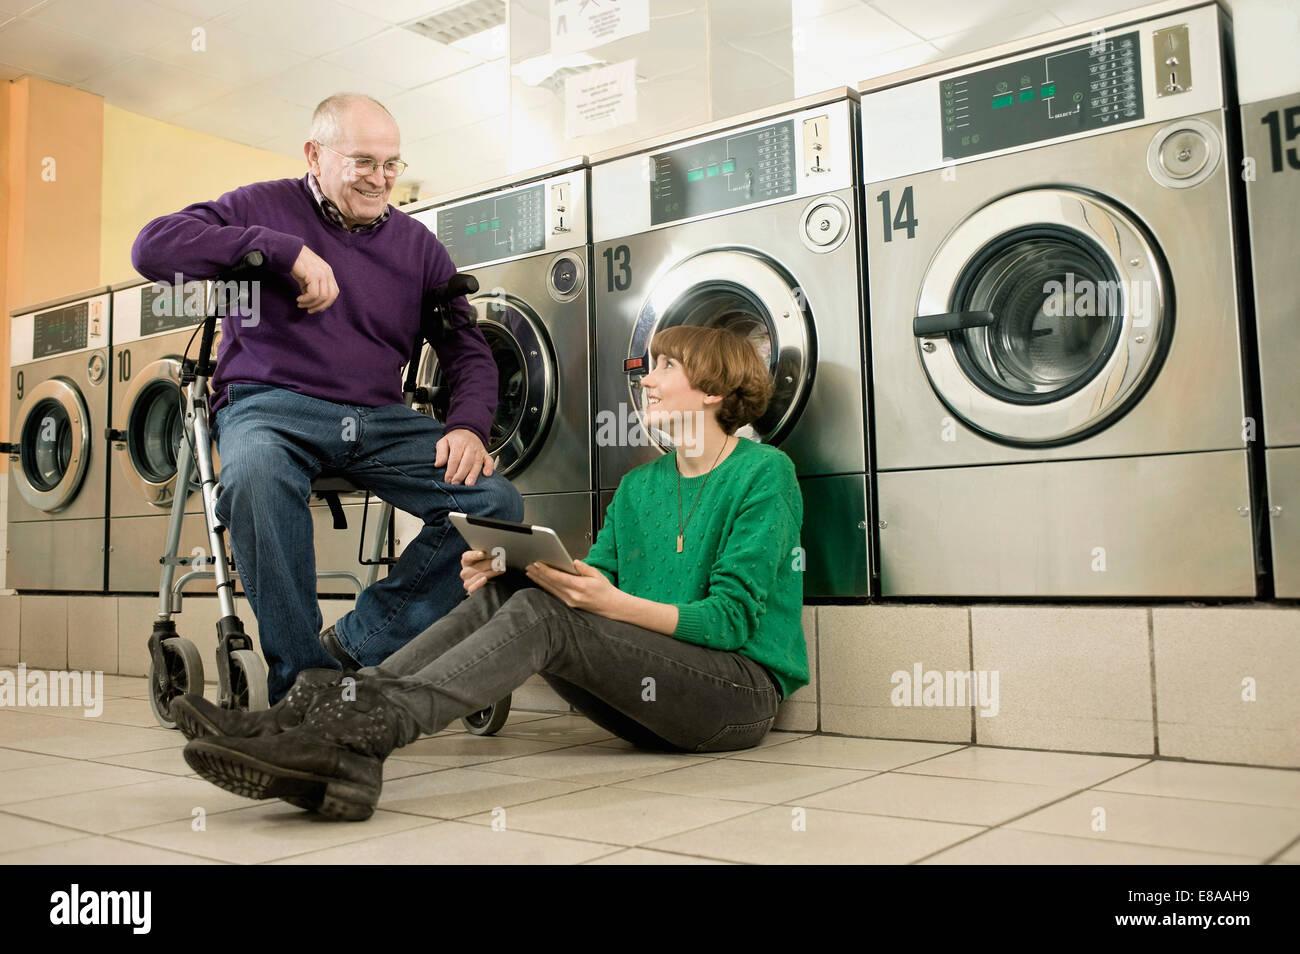 Mann und Frau sprechen in Wäscherei, Lächeln Stockbild